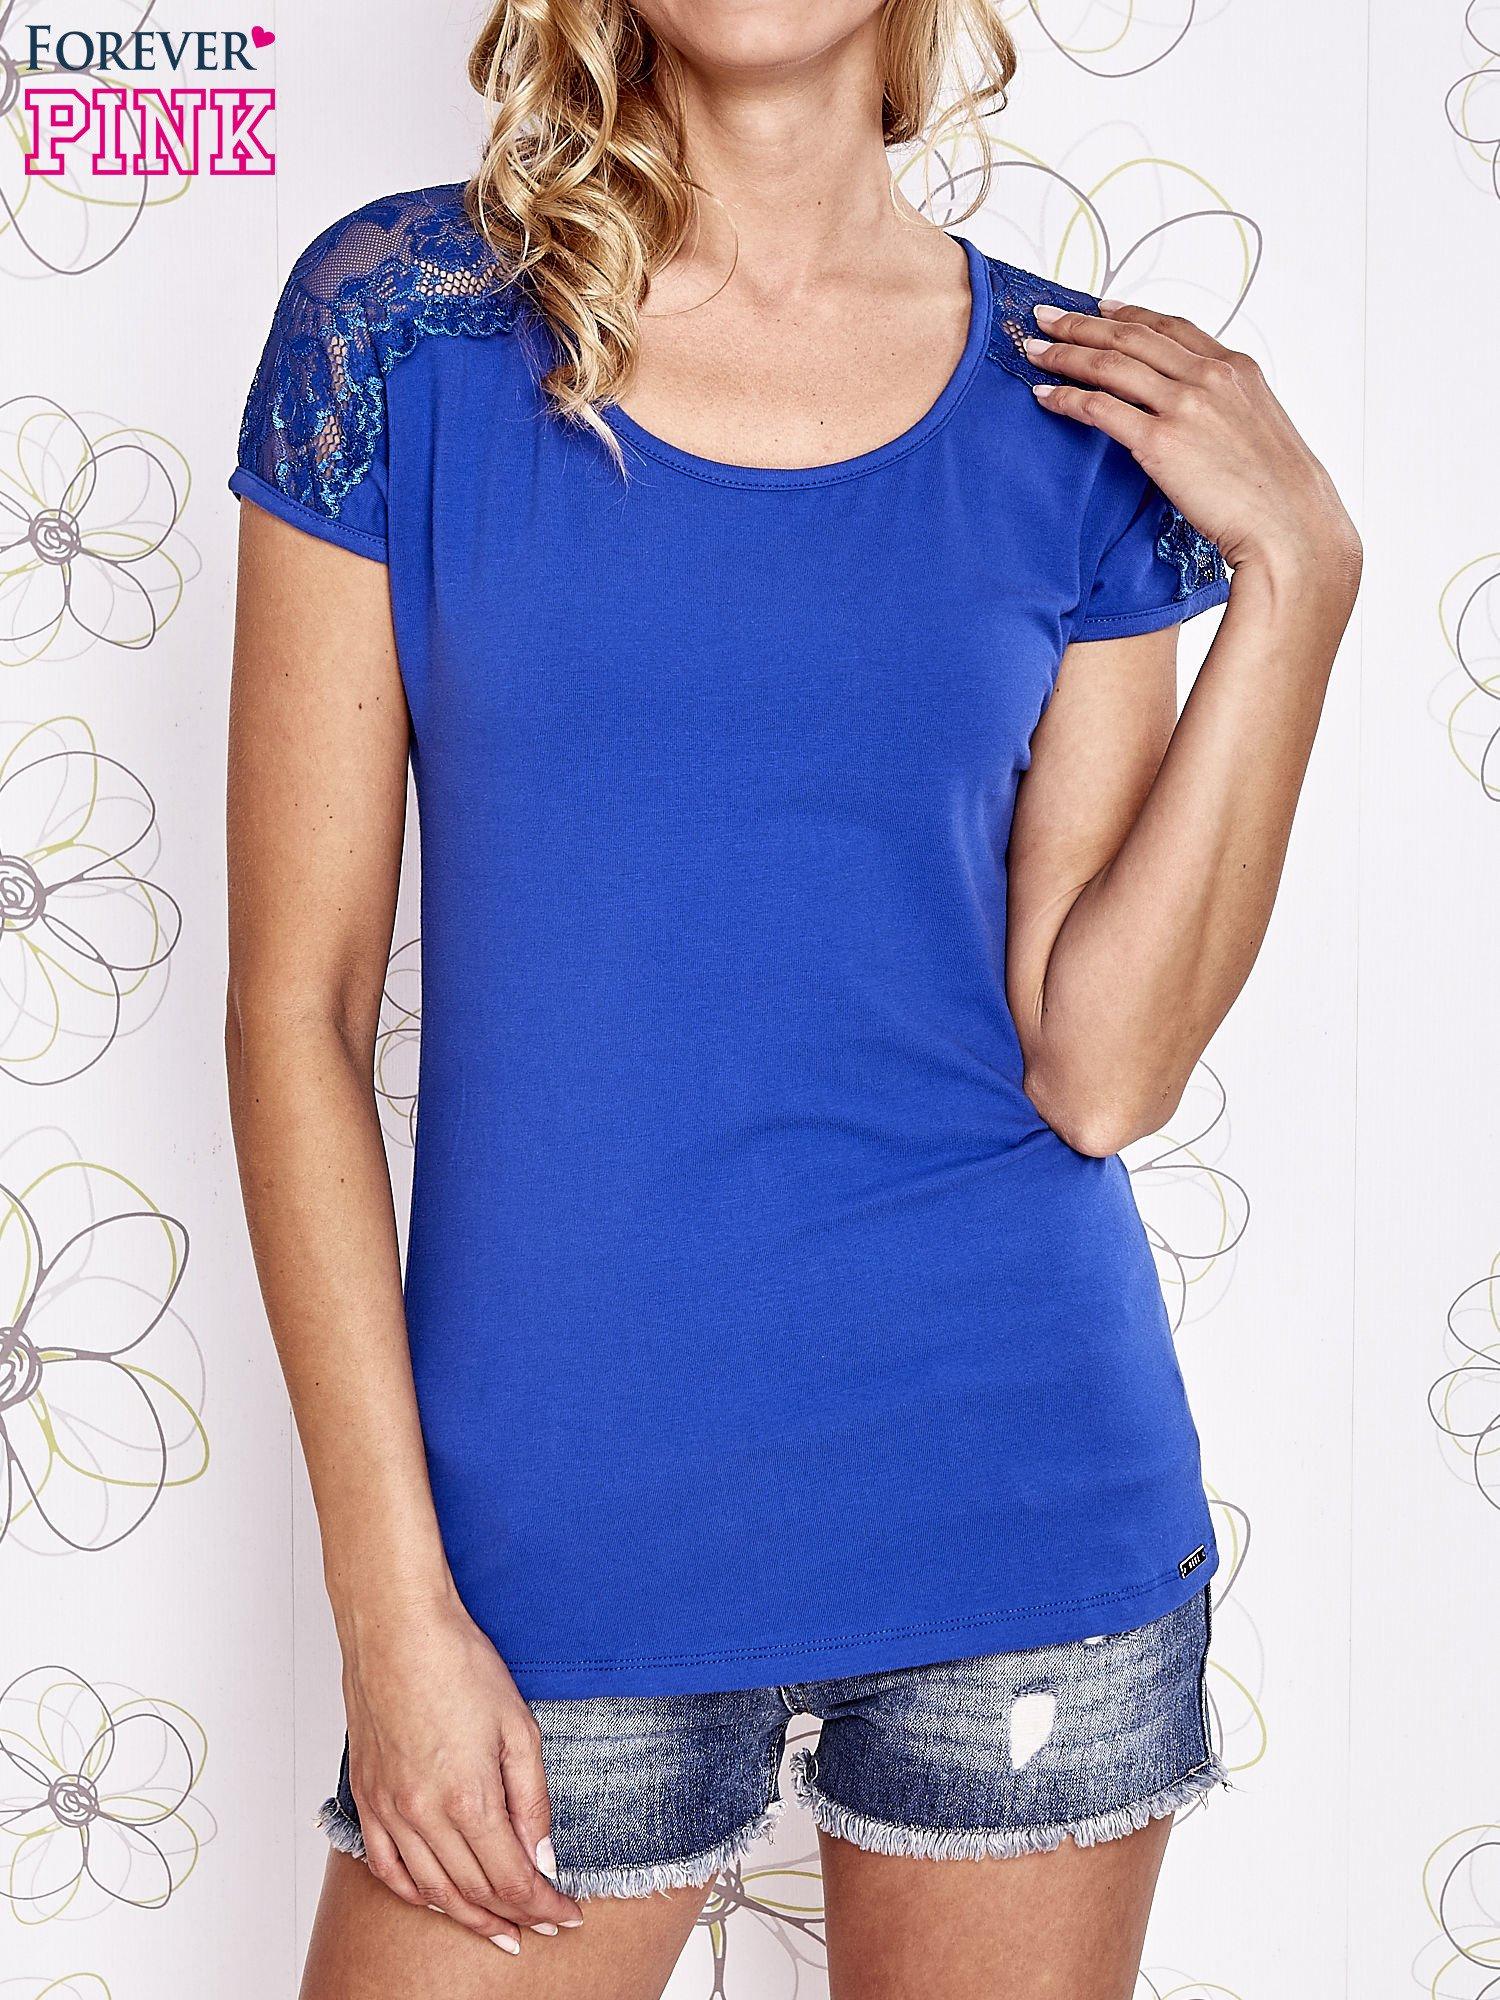 Ciemnoniebieski t-shirt z koronkowym wykończeniem rękawów                                  zdj.                                  1